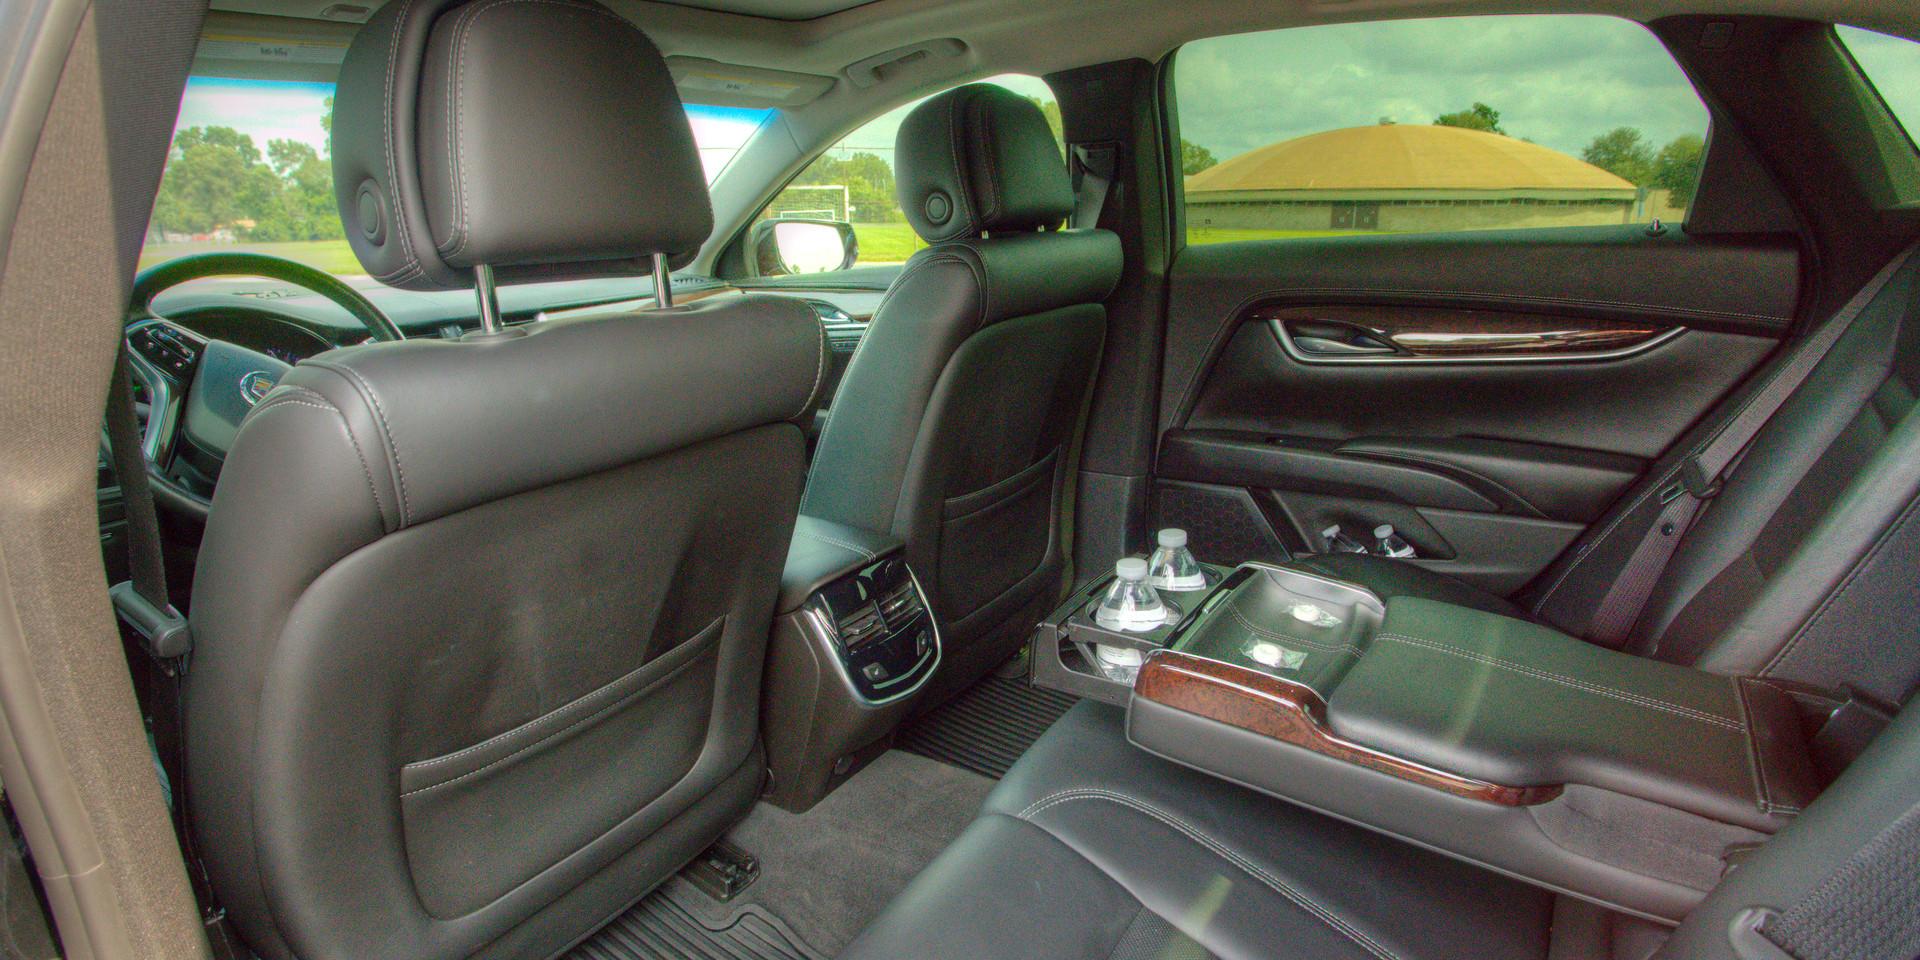 Cadillac Interior 7